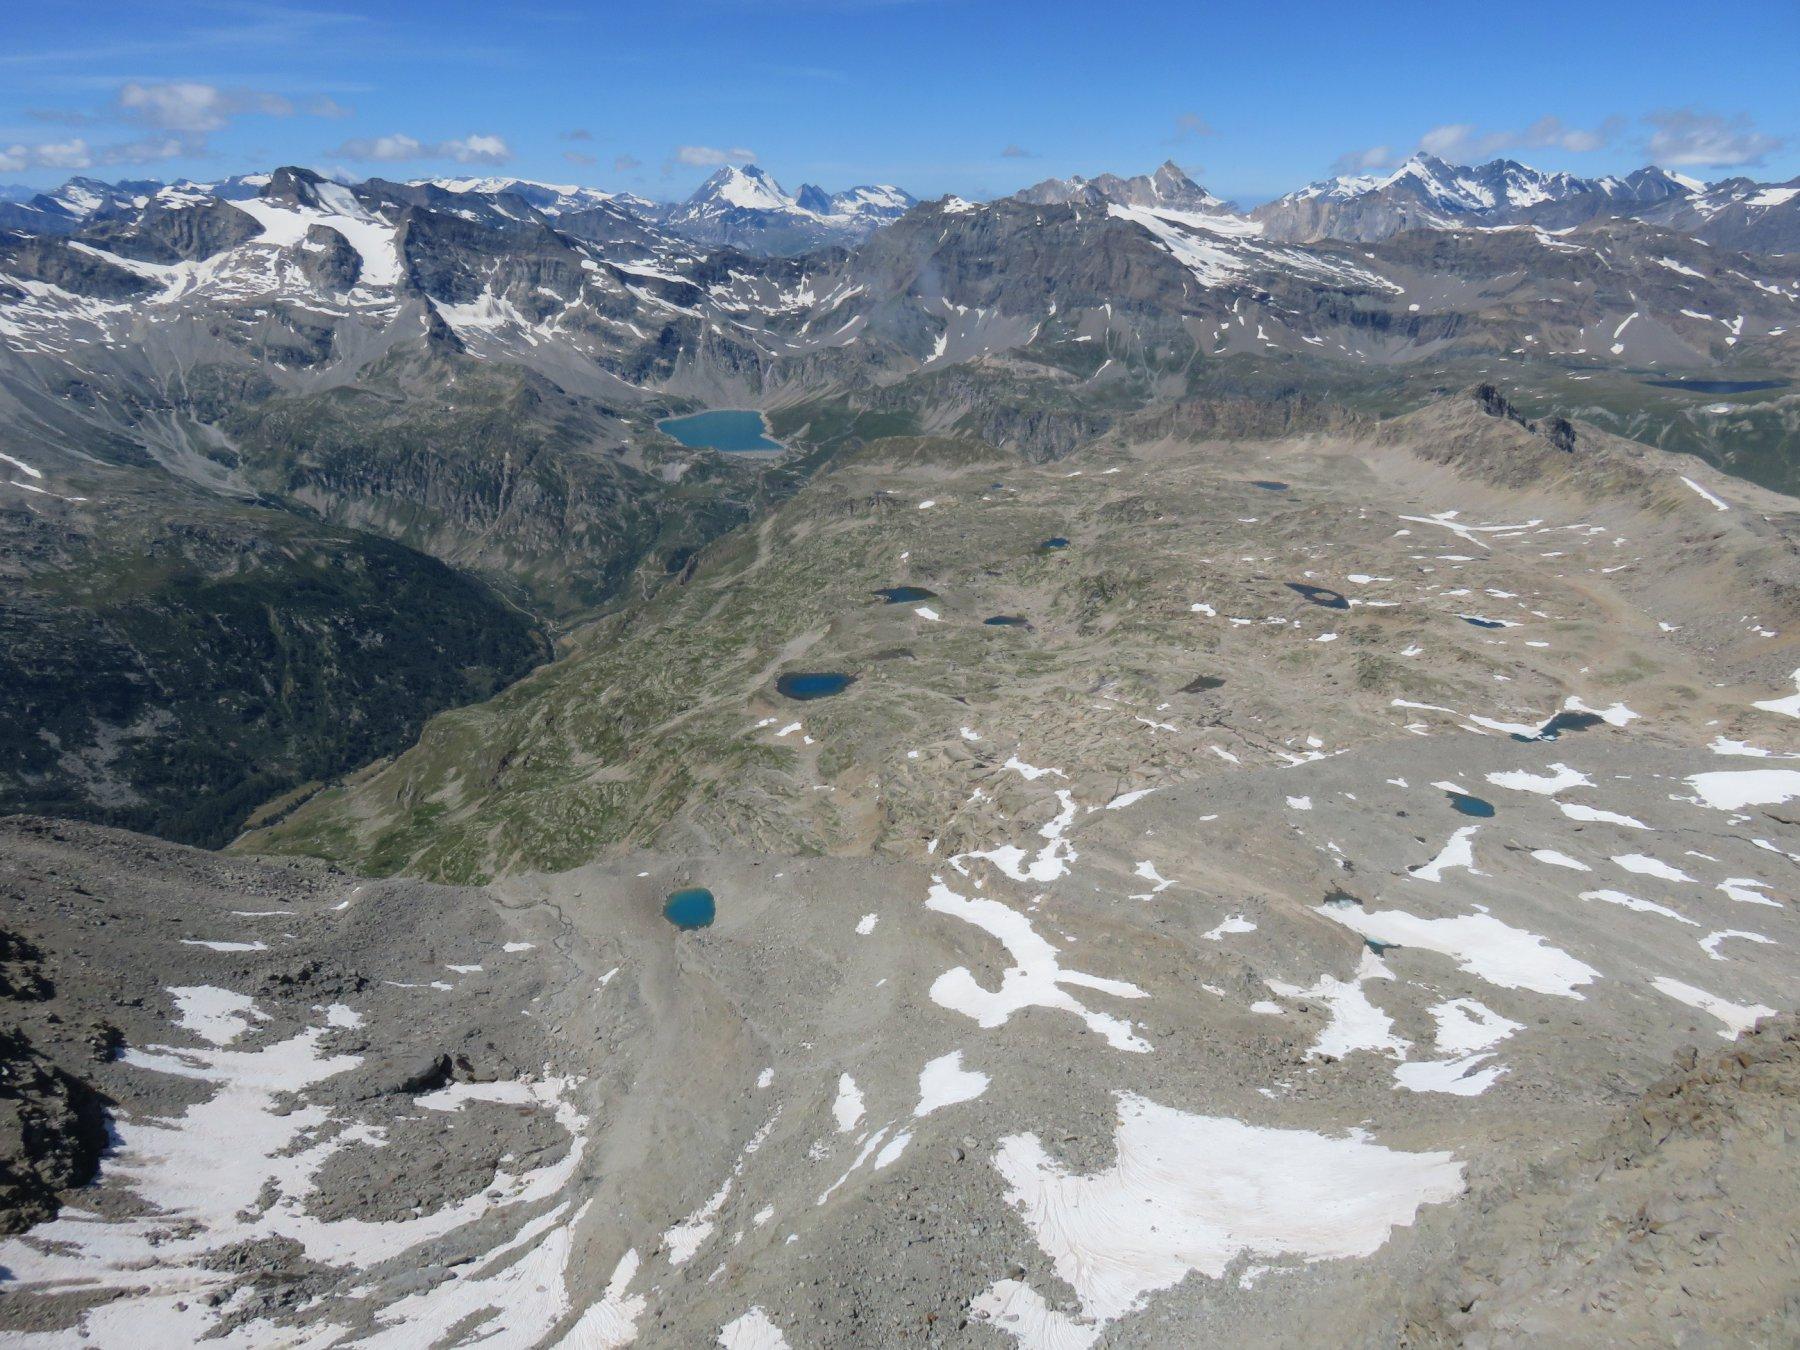 Pianoro dei laghi visto dall'alto